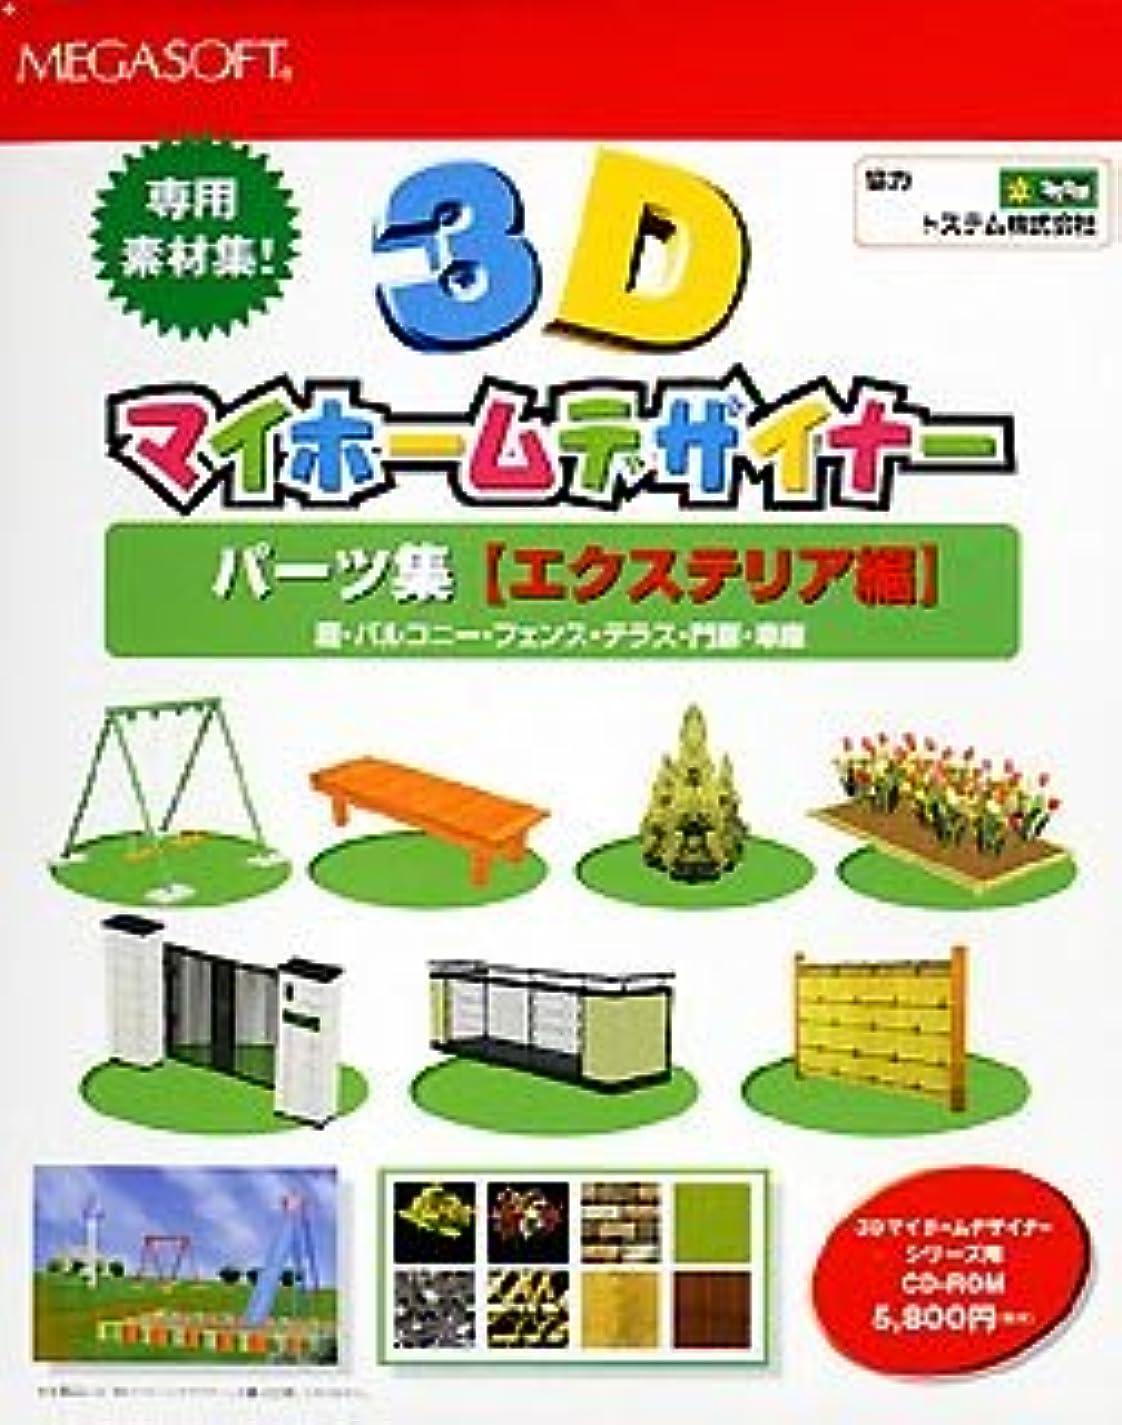 シフトシャンパンリマ3Dマイホームデザイナー パーツ集「エクステリア編」